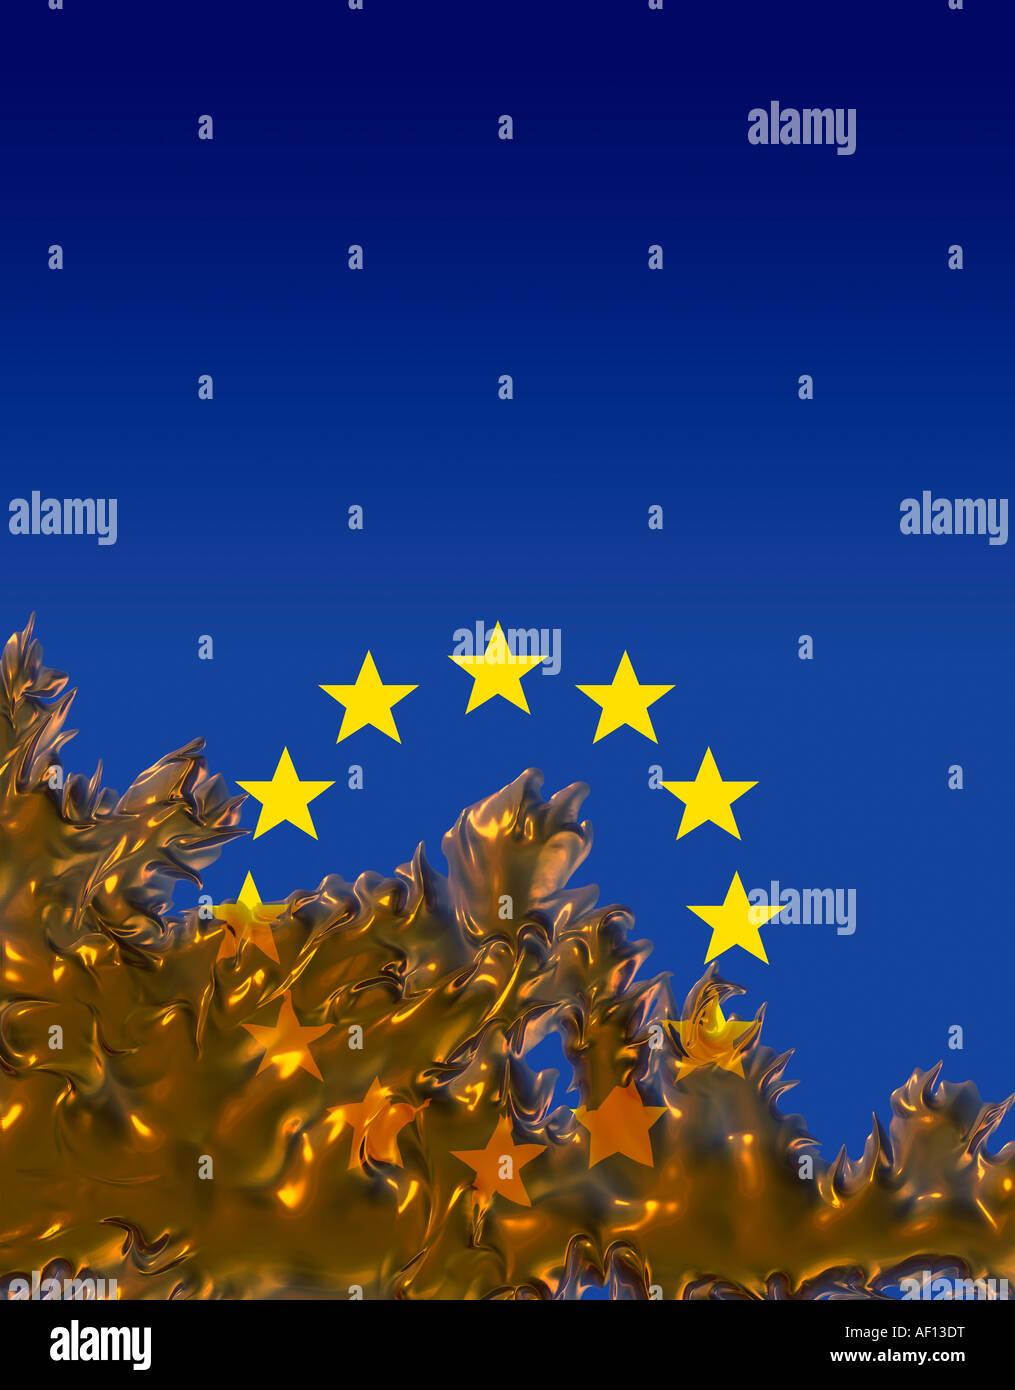 Eu European Union flag - Stock Image